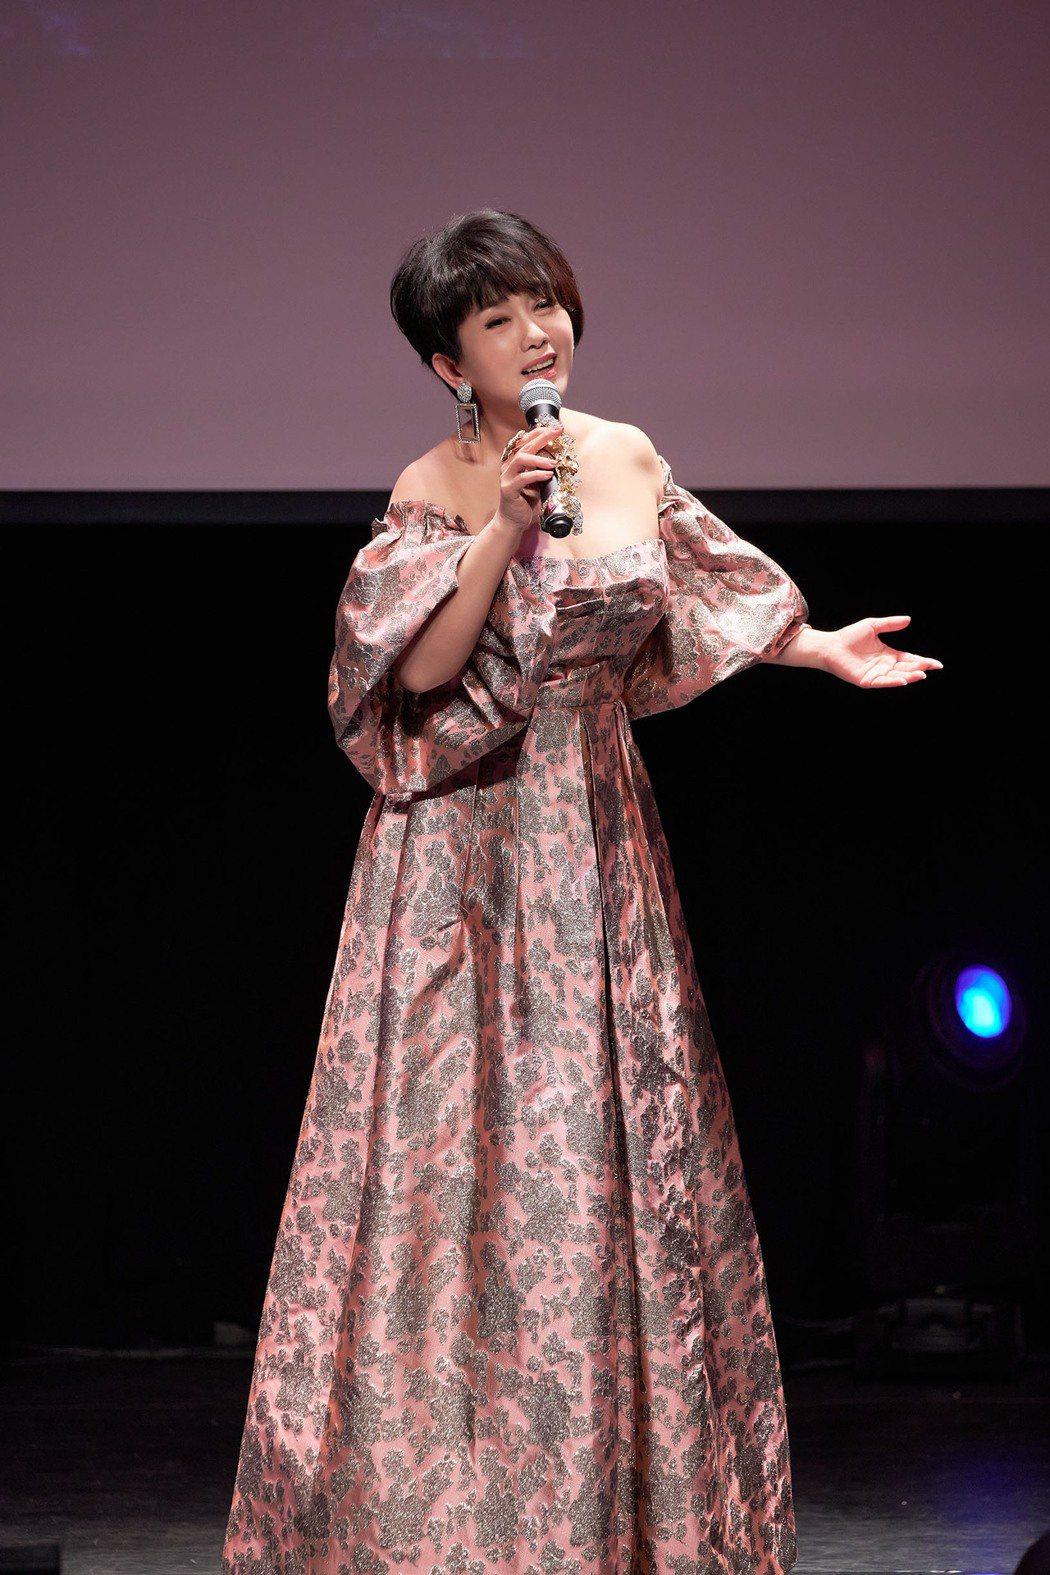 周思潔(Jessie)現身中正紀念堂演藝廳舉辦「愛在心手相連」慈善音樂會。圖/萊